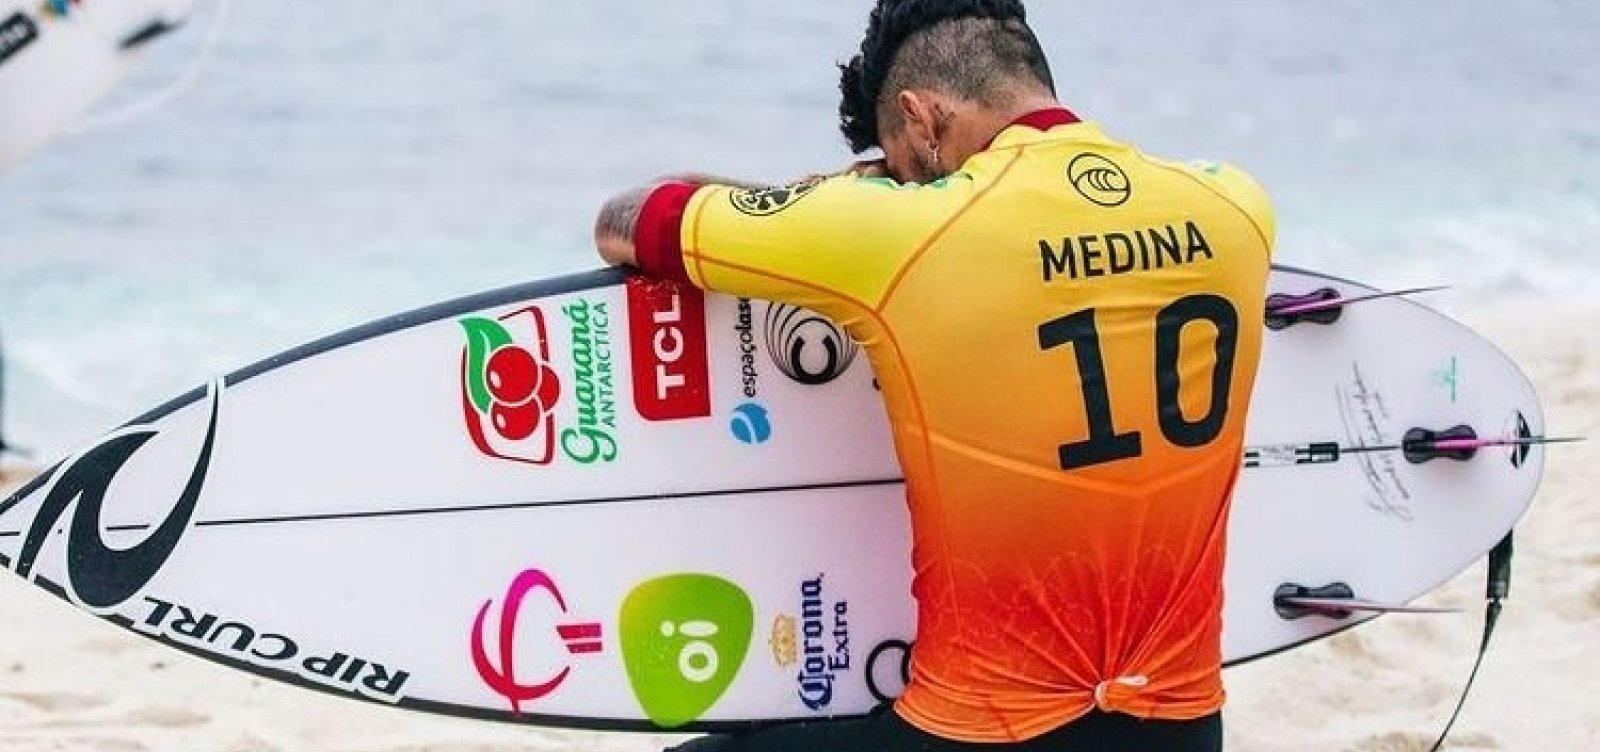 Eliminado nas Olimpíadas, Medina se torna tricampeão do Mundial de Surfe